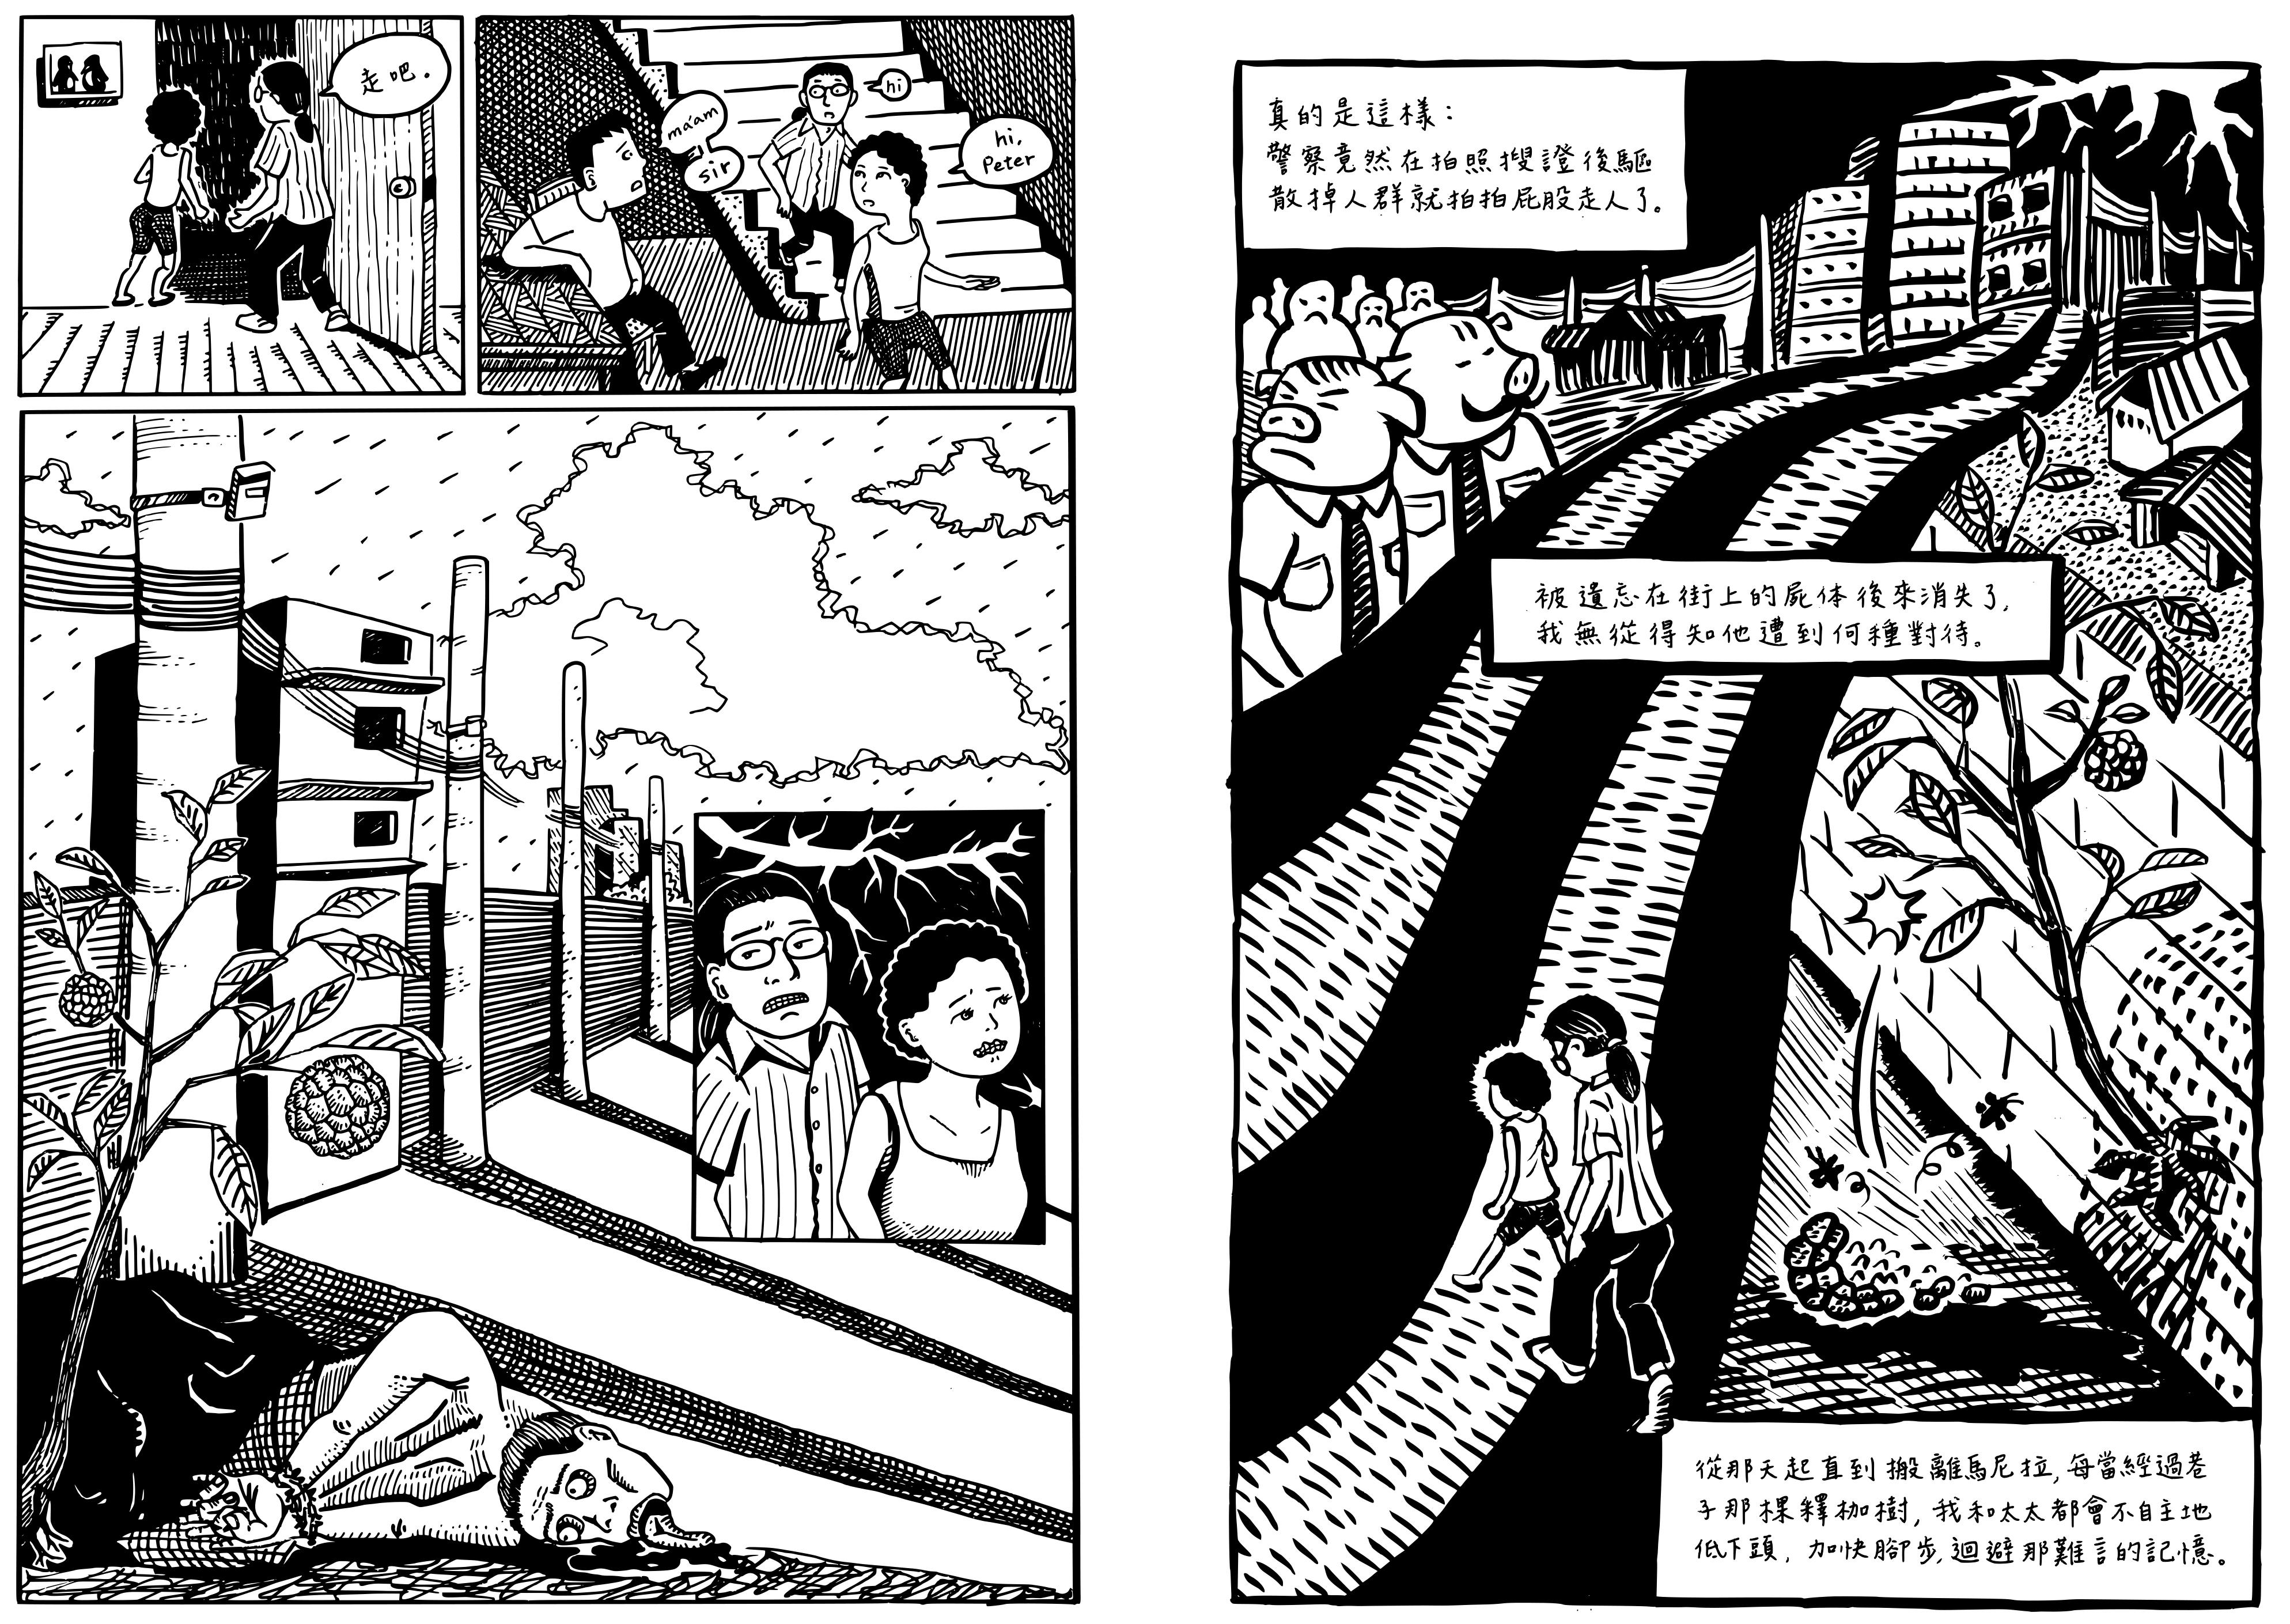 〈街上的尊嚴〉重現他在馬尼拉生活時與一名無家者的互動、以及在街頭目擊一具無名屍體的經過。篇章畫成於2013年,此際更覺真實感。